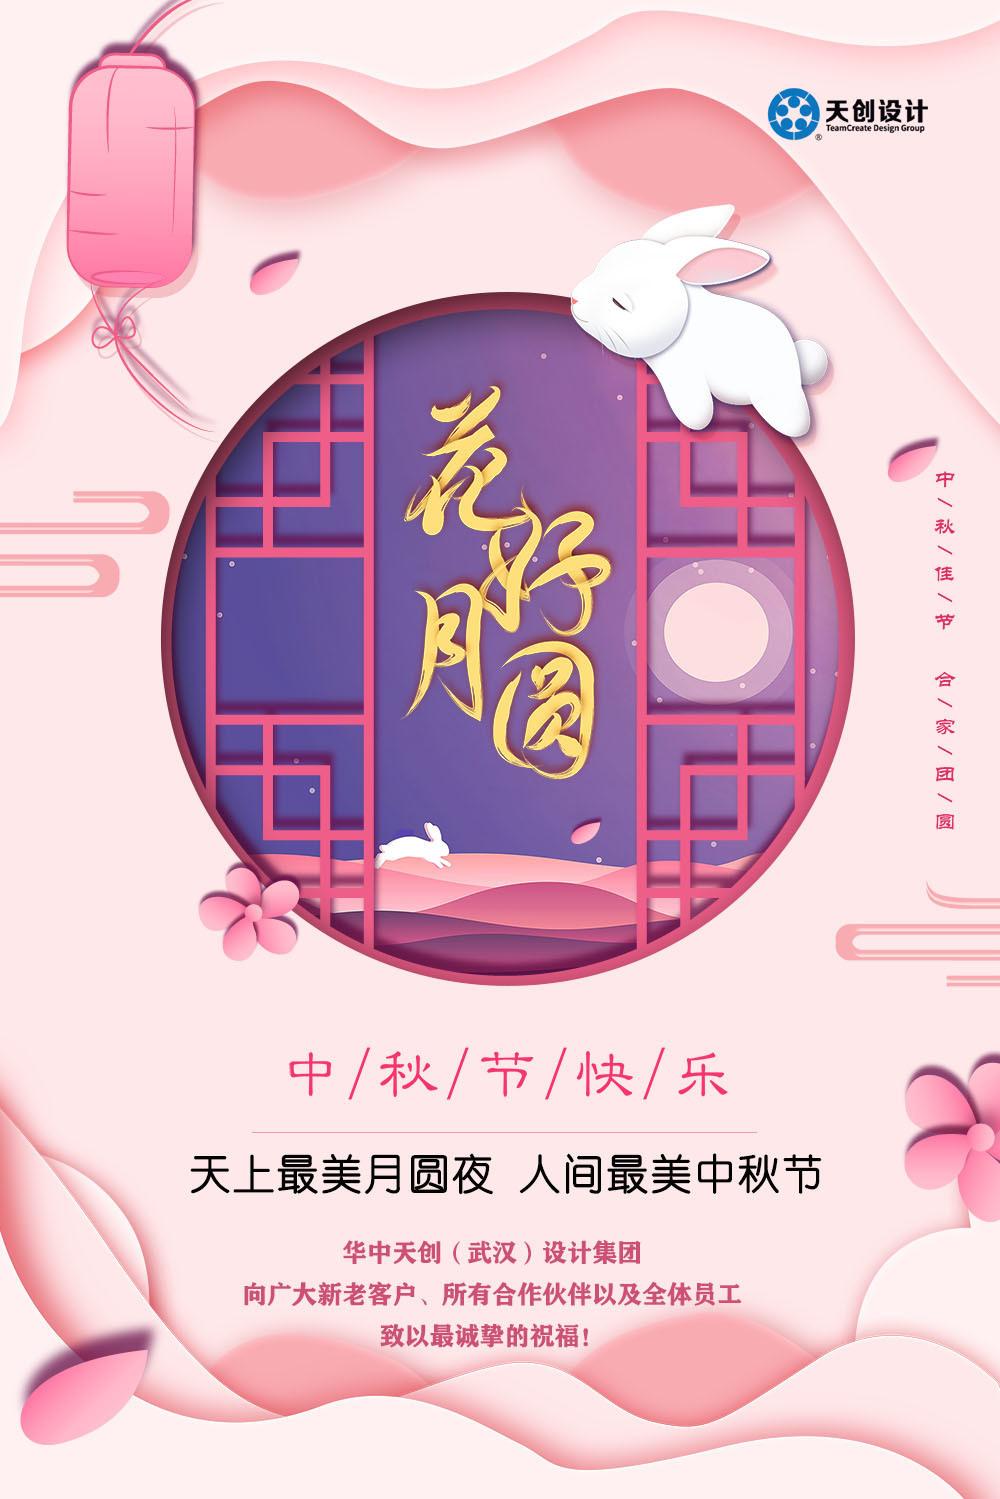 华中天创设计集团恭祝中秋快乐!